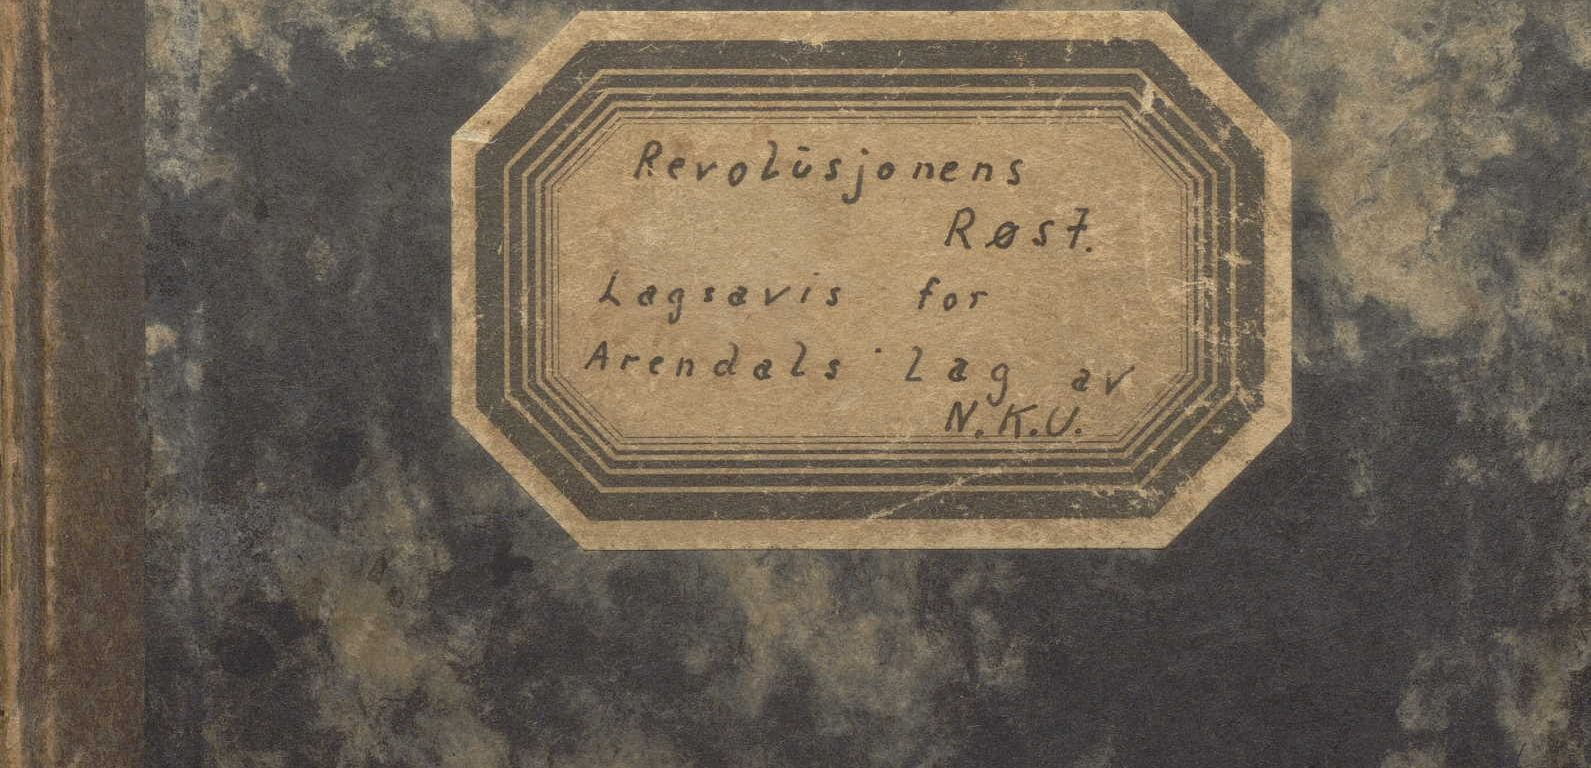 Revolusjonens Røst Lagsavis for Arendals lag av N.K.U.